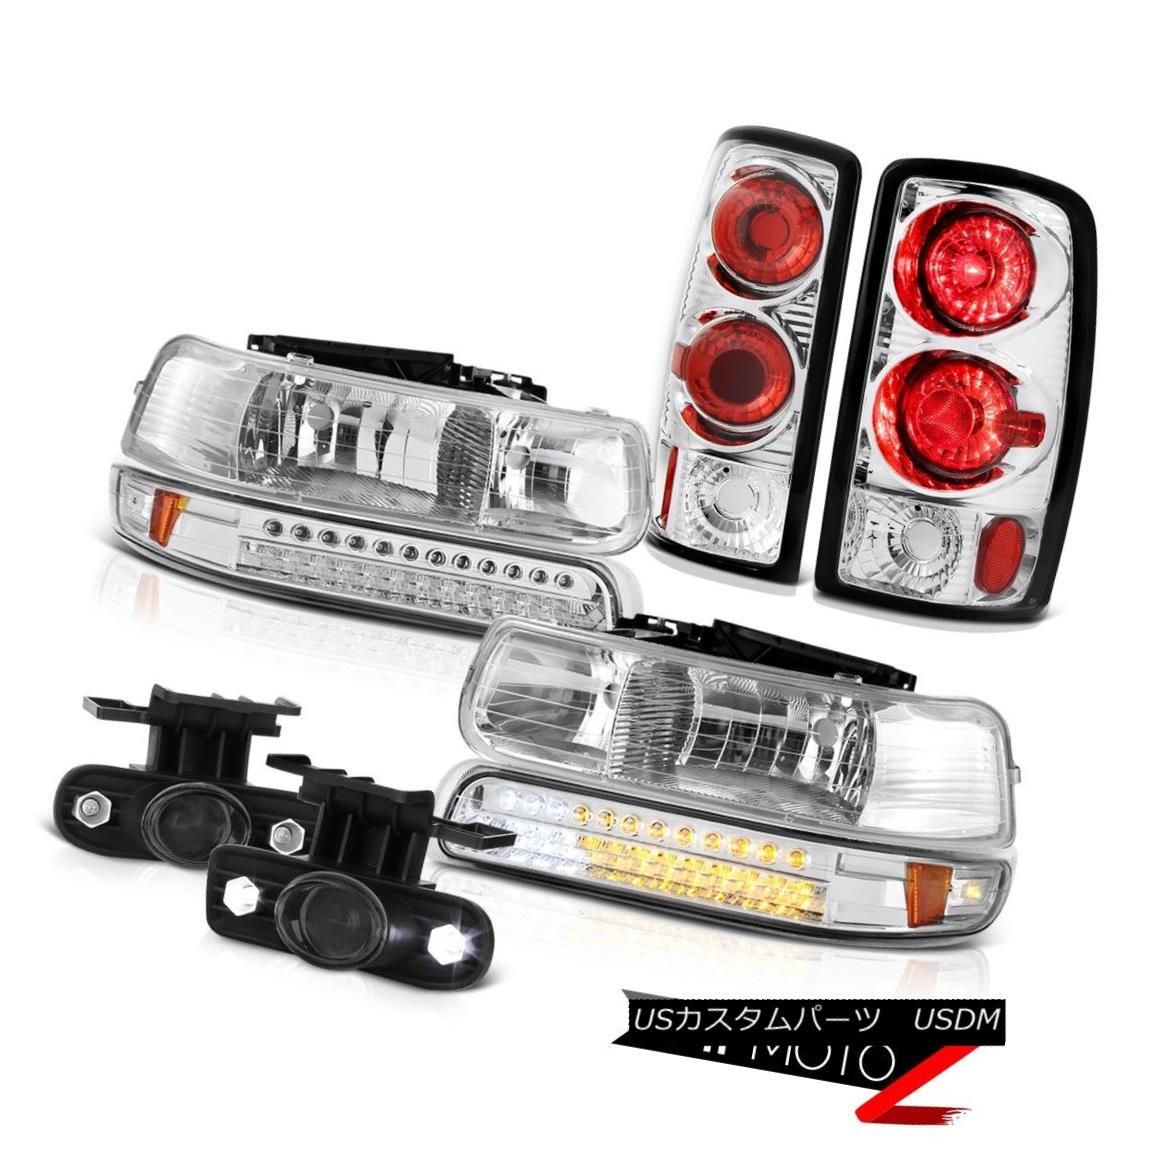 テールライト Signal Headlights 2000-06 Suburban 2500 Reverse Brake Lamps Projector Tinted Fog シグナルヘッドライト2000-06郊外2500リバースブレーキランププロジェクタ着色霧